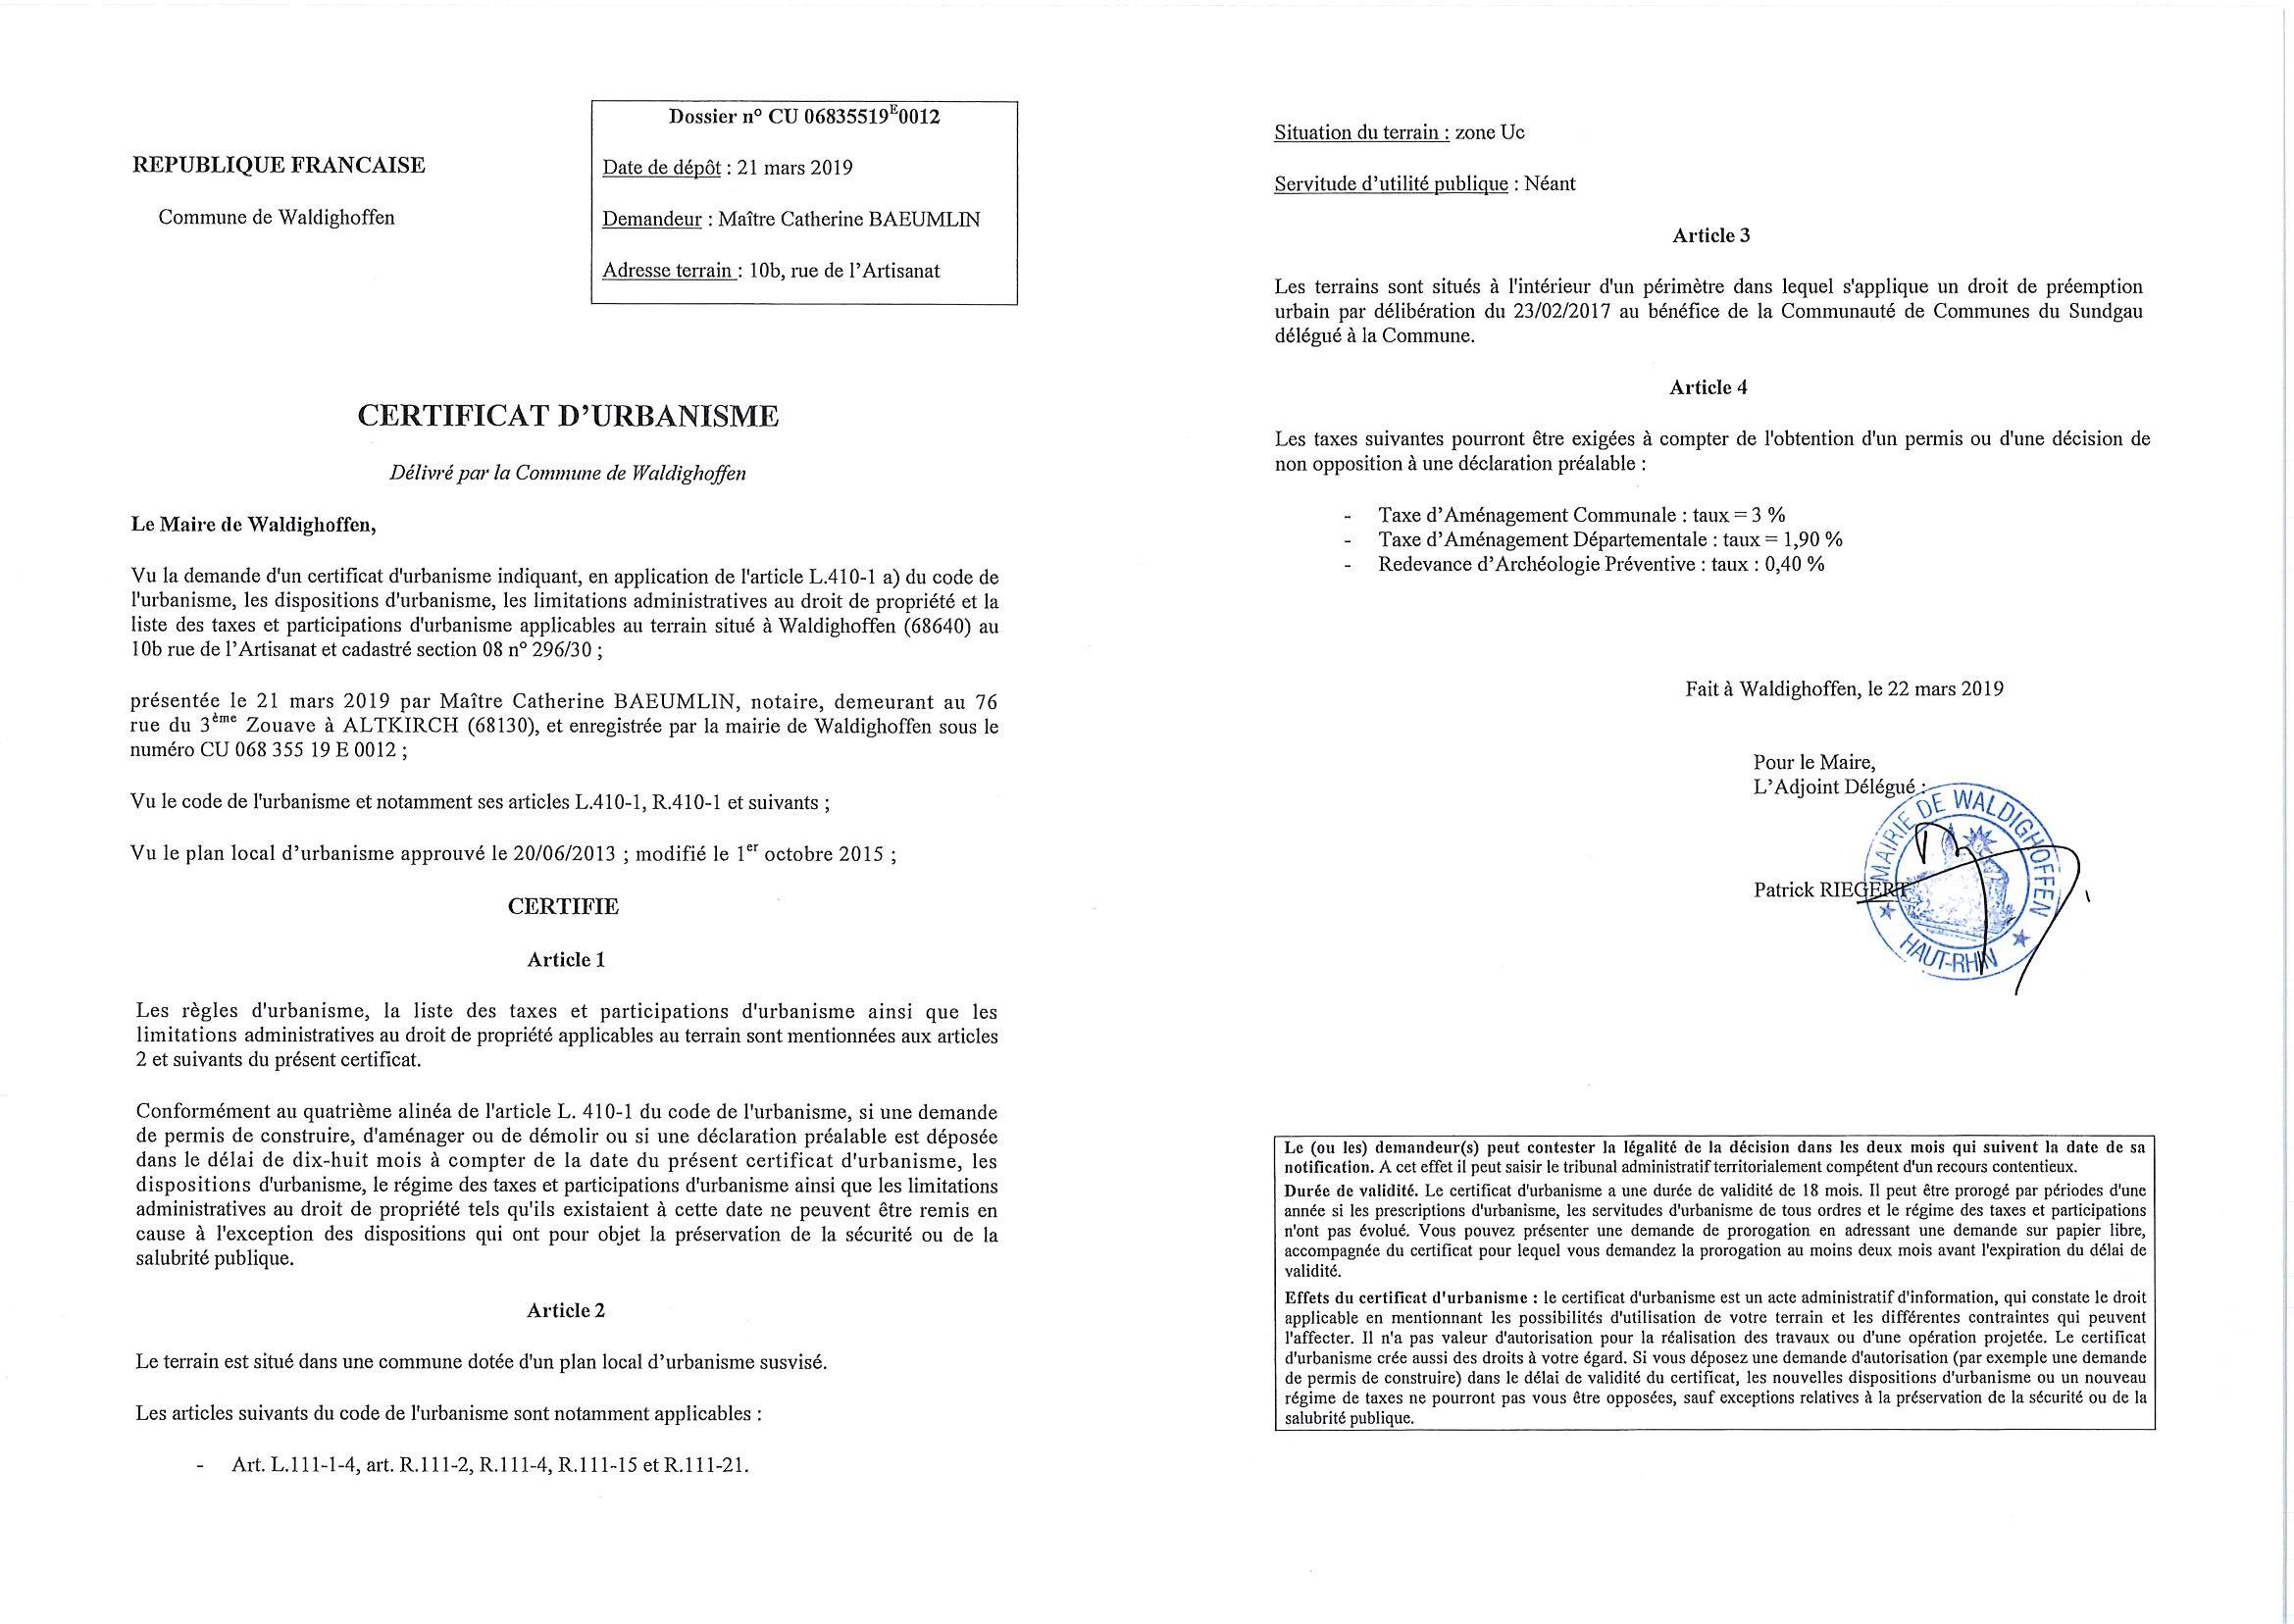 Certificats d'urbanisme établi pour Maître Catherine ANDELFINGER